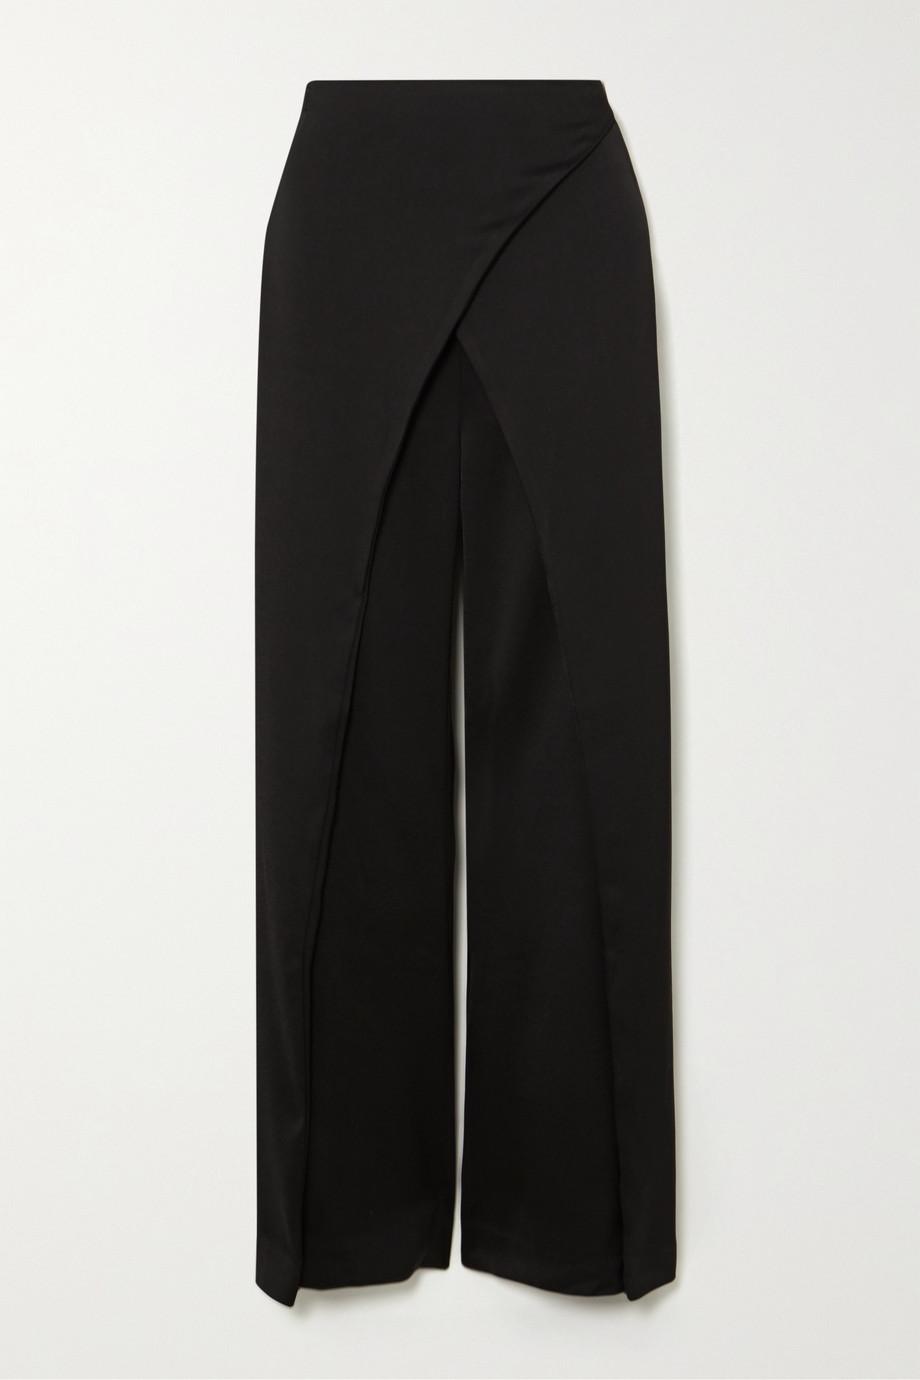 Cult Gaia Claudette wrap-effect satin wide-leg pants